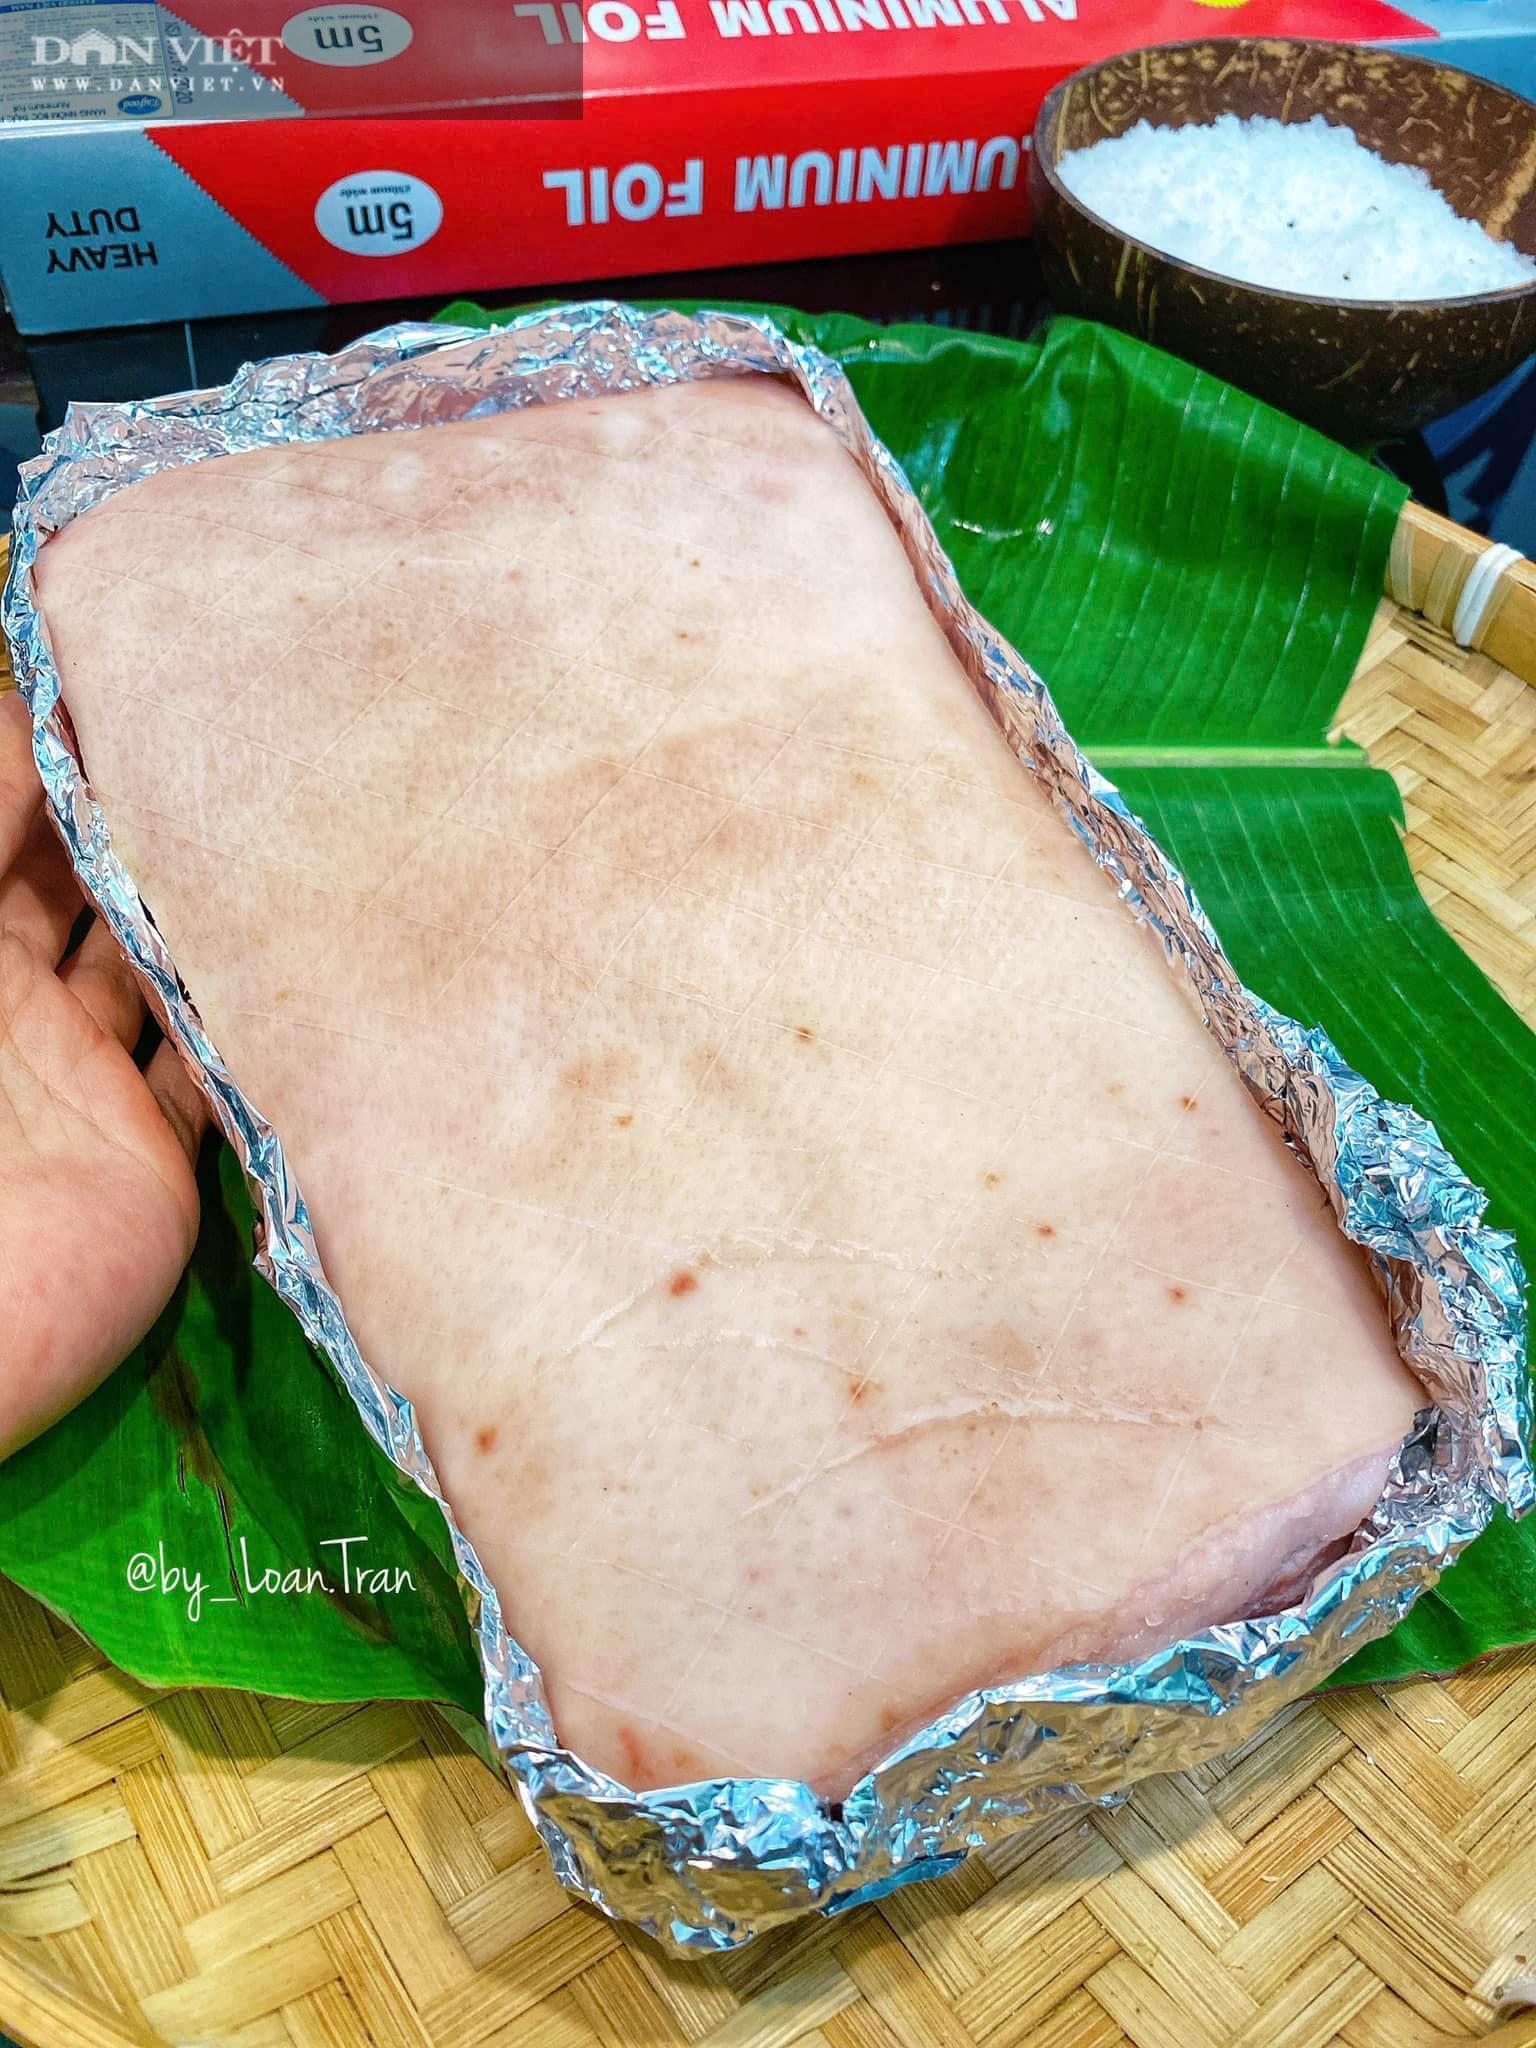 Chỉ cần làm điều này, đảm bảo thịt quay bằng nồi chiên không dầu ngon đúng chuẩn - Ảnh 2.